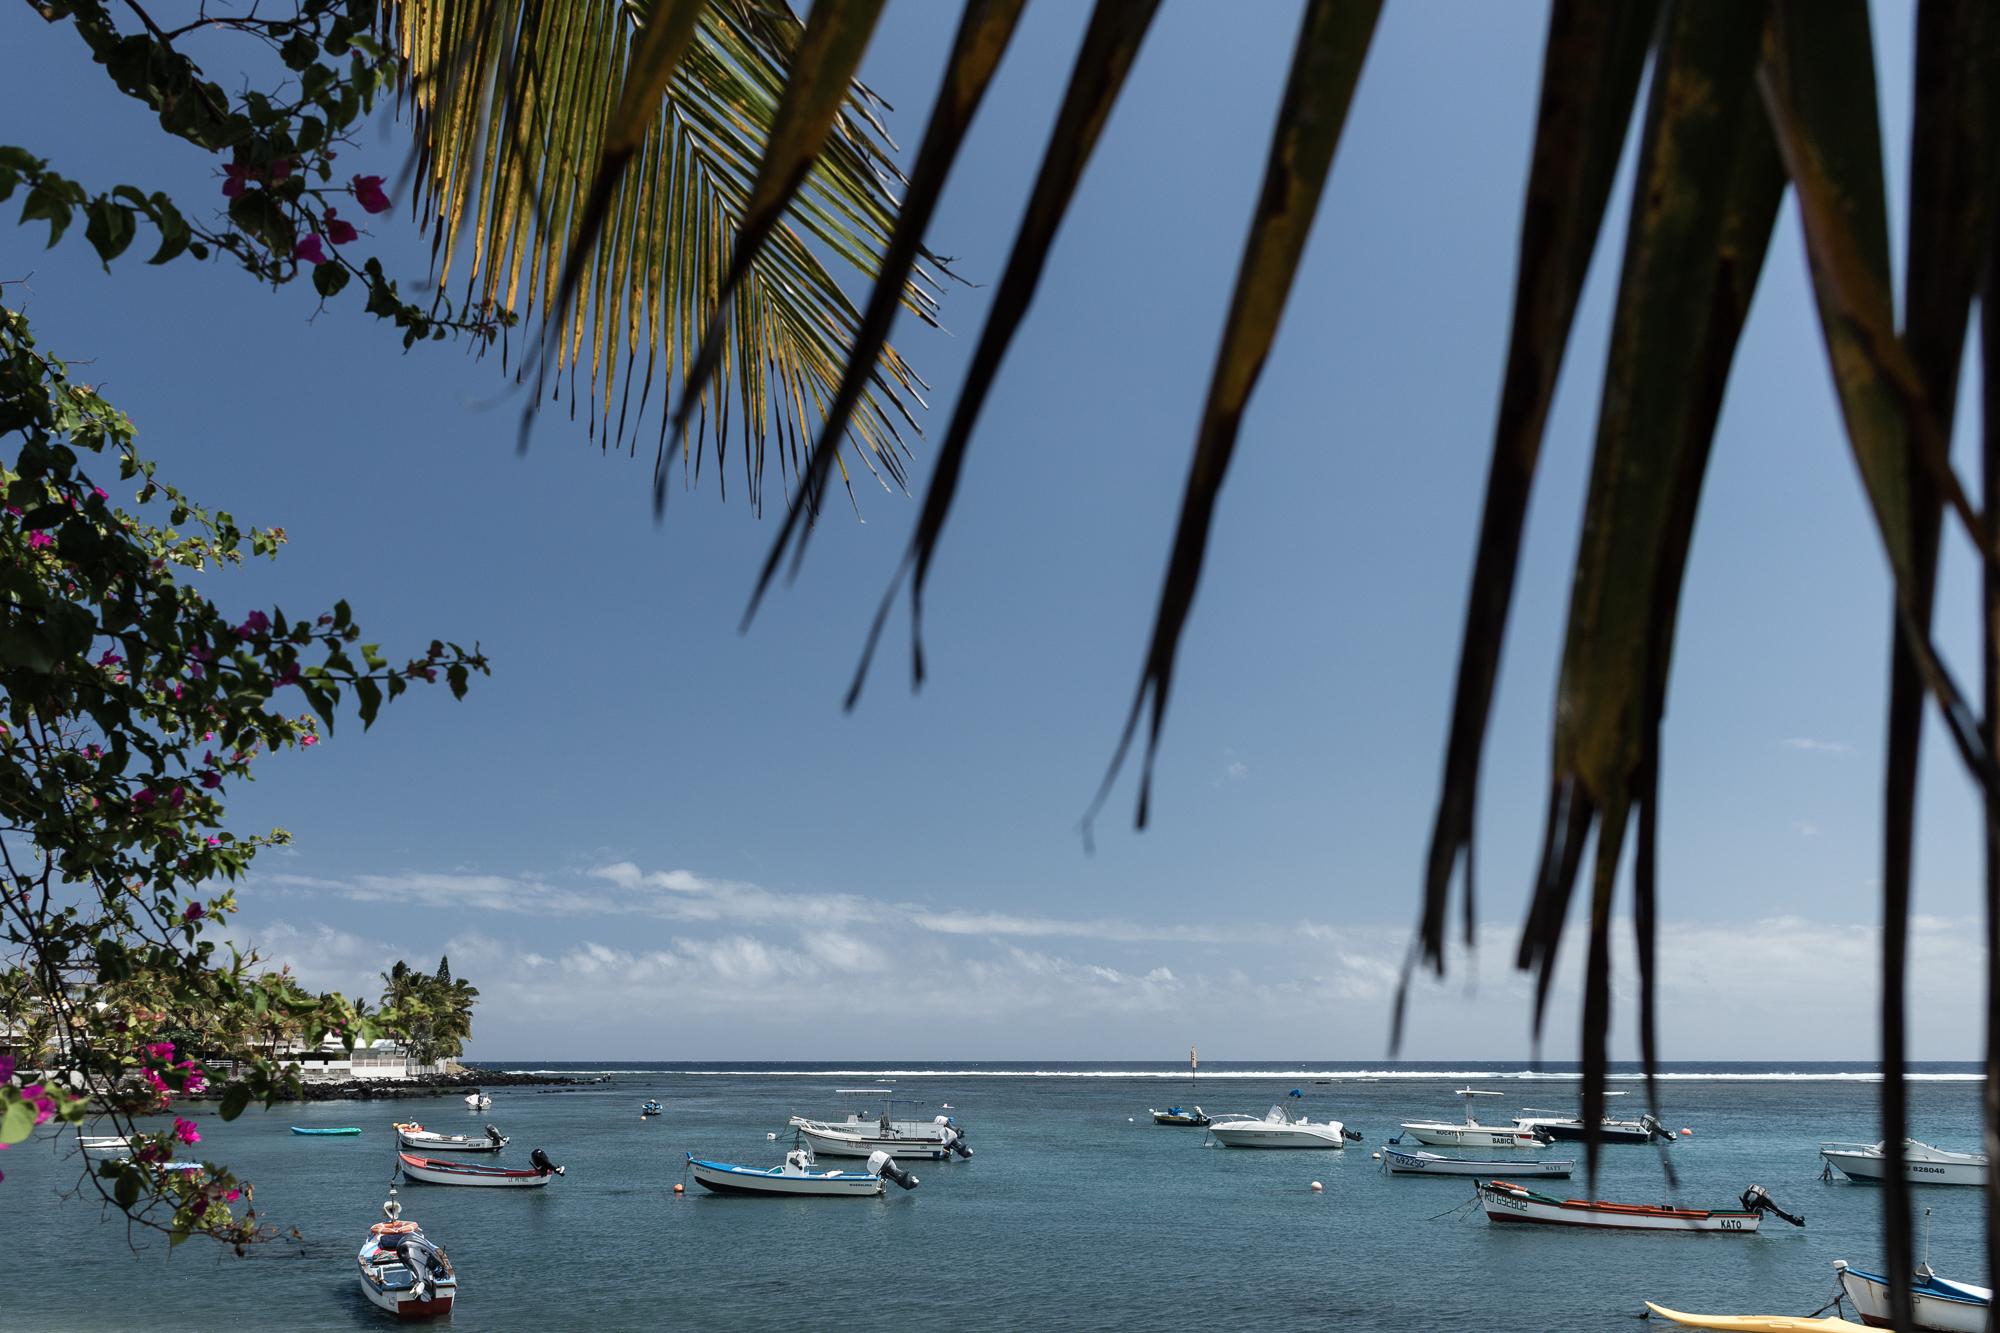 bassin pirogue lagon et bateaux de pêcheurs